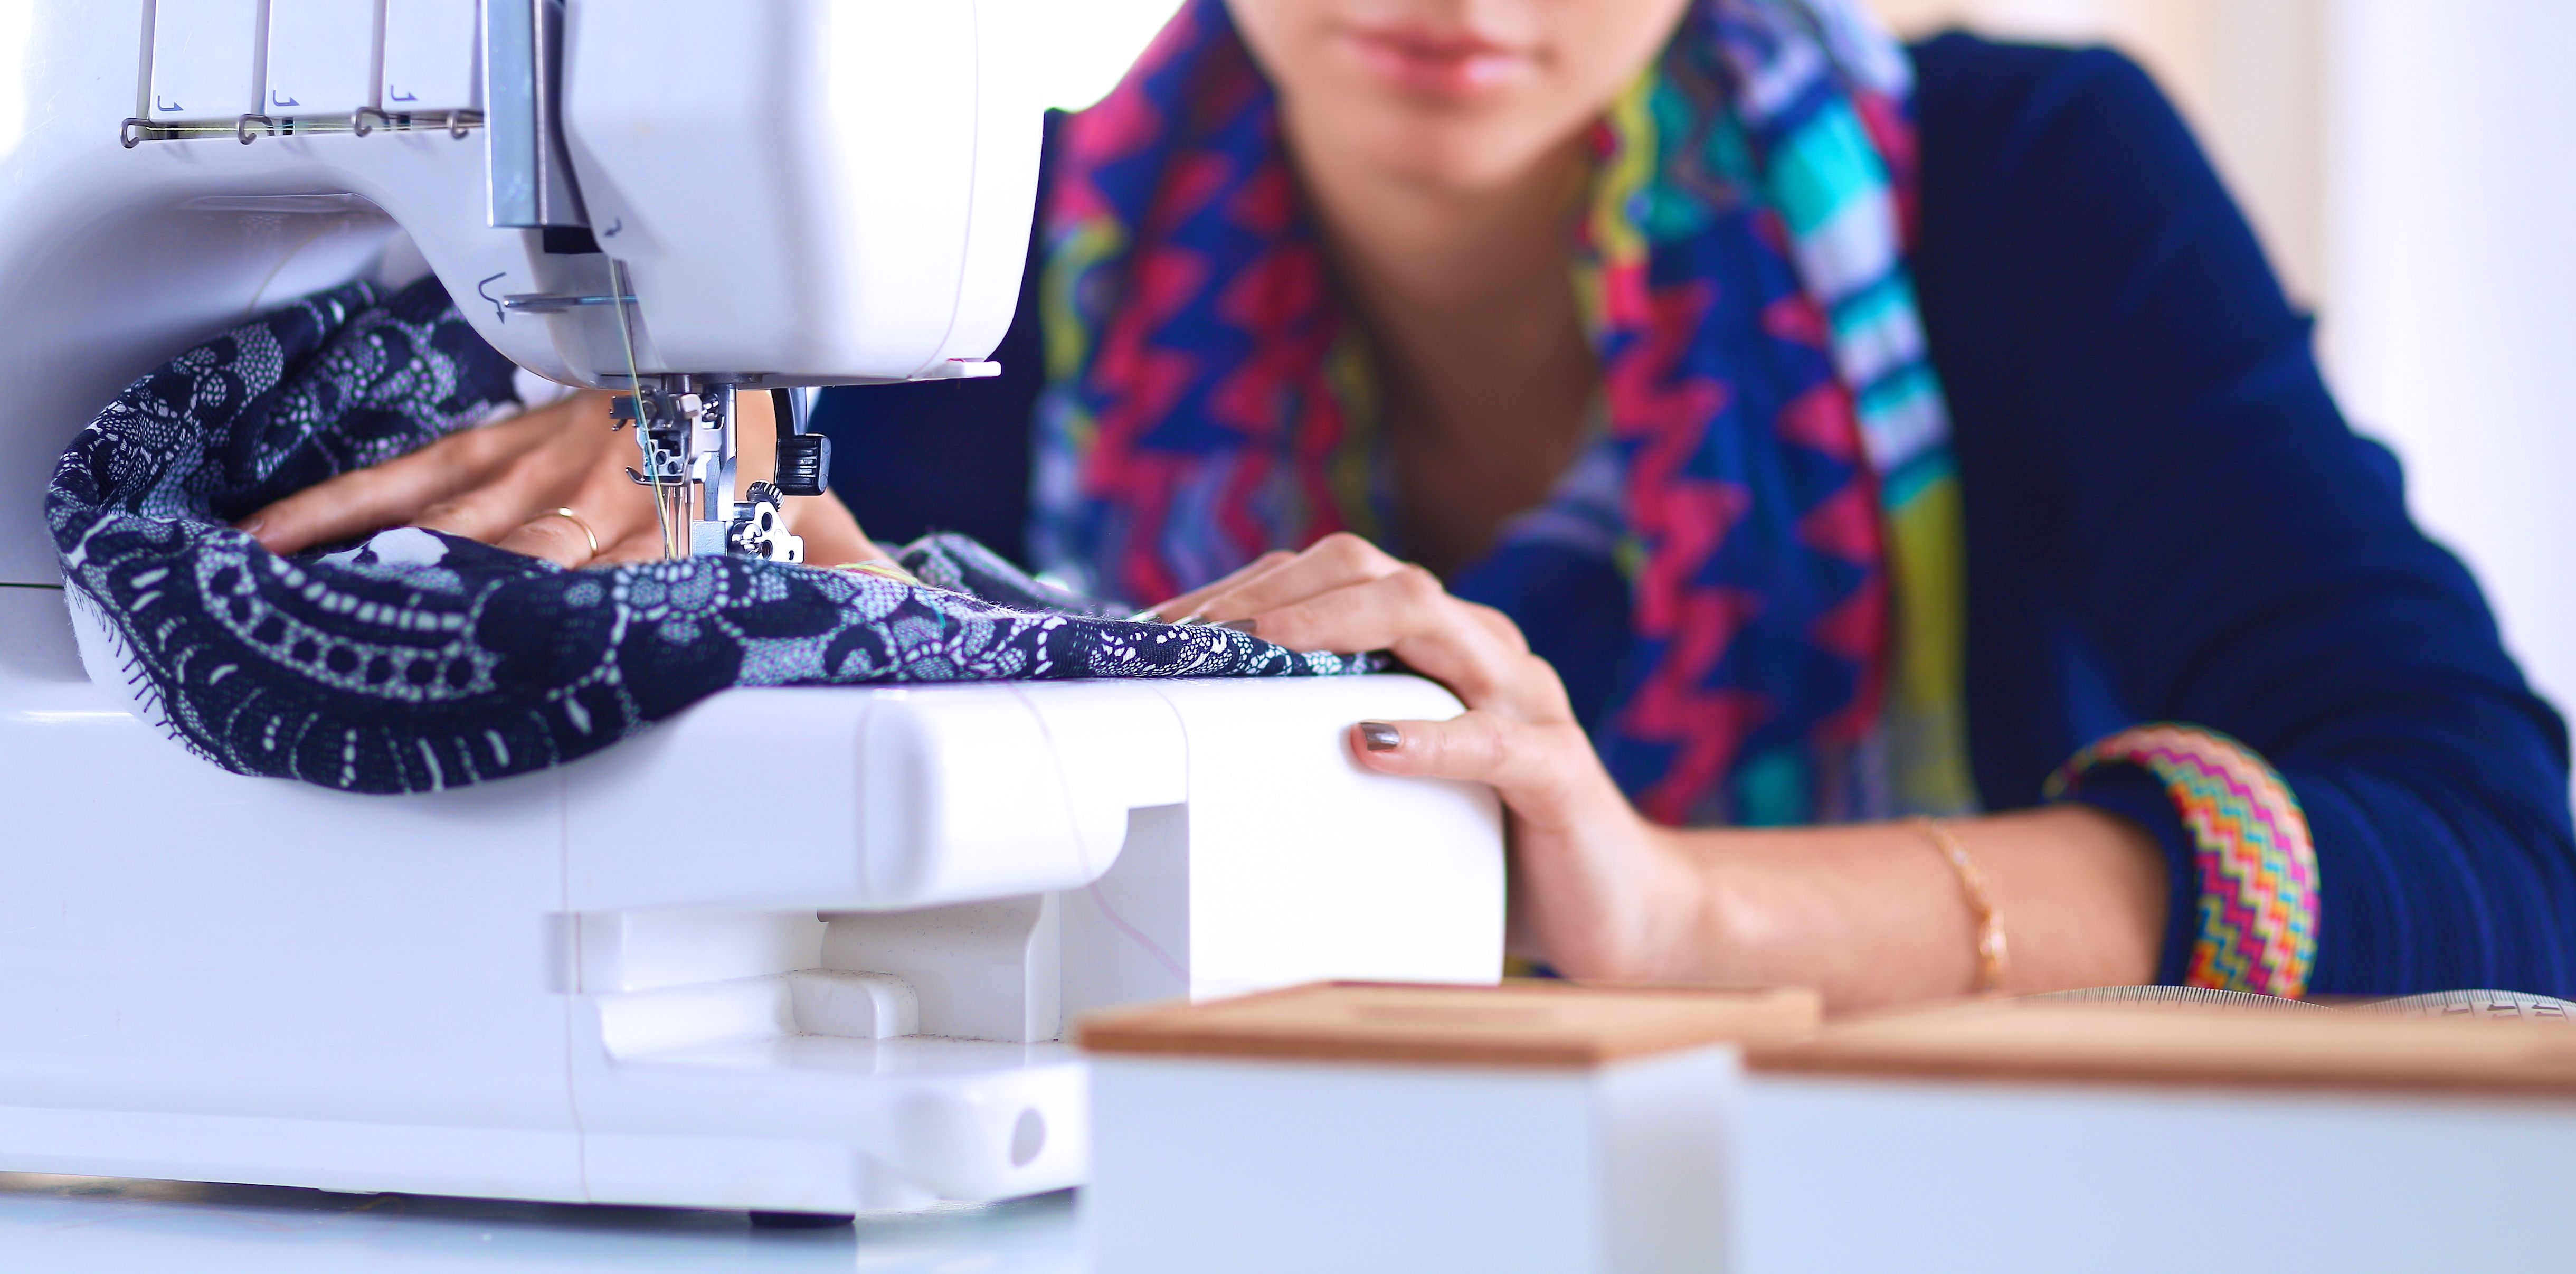 Venta y reparación de máquinas de coser en Santa Coloma de Gramenet